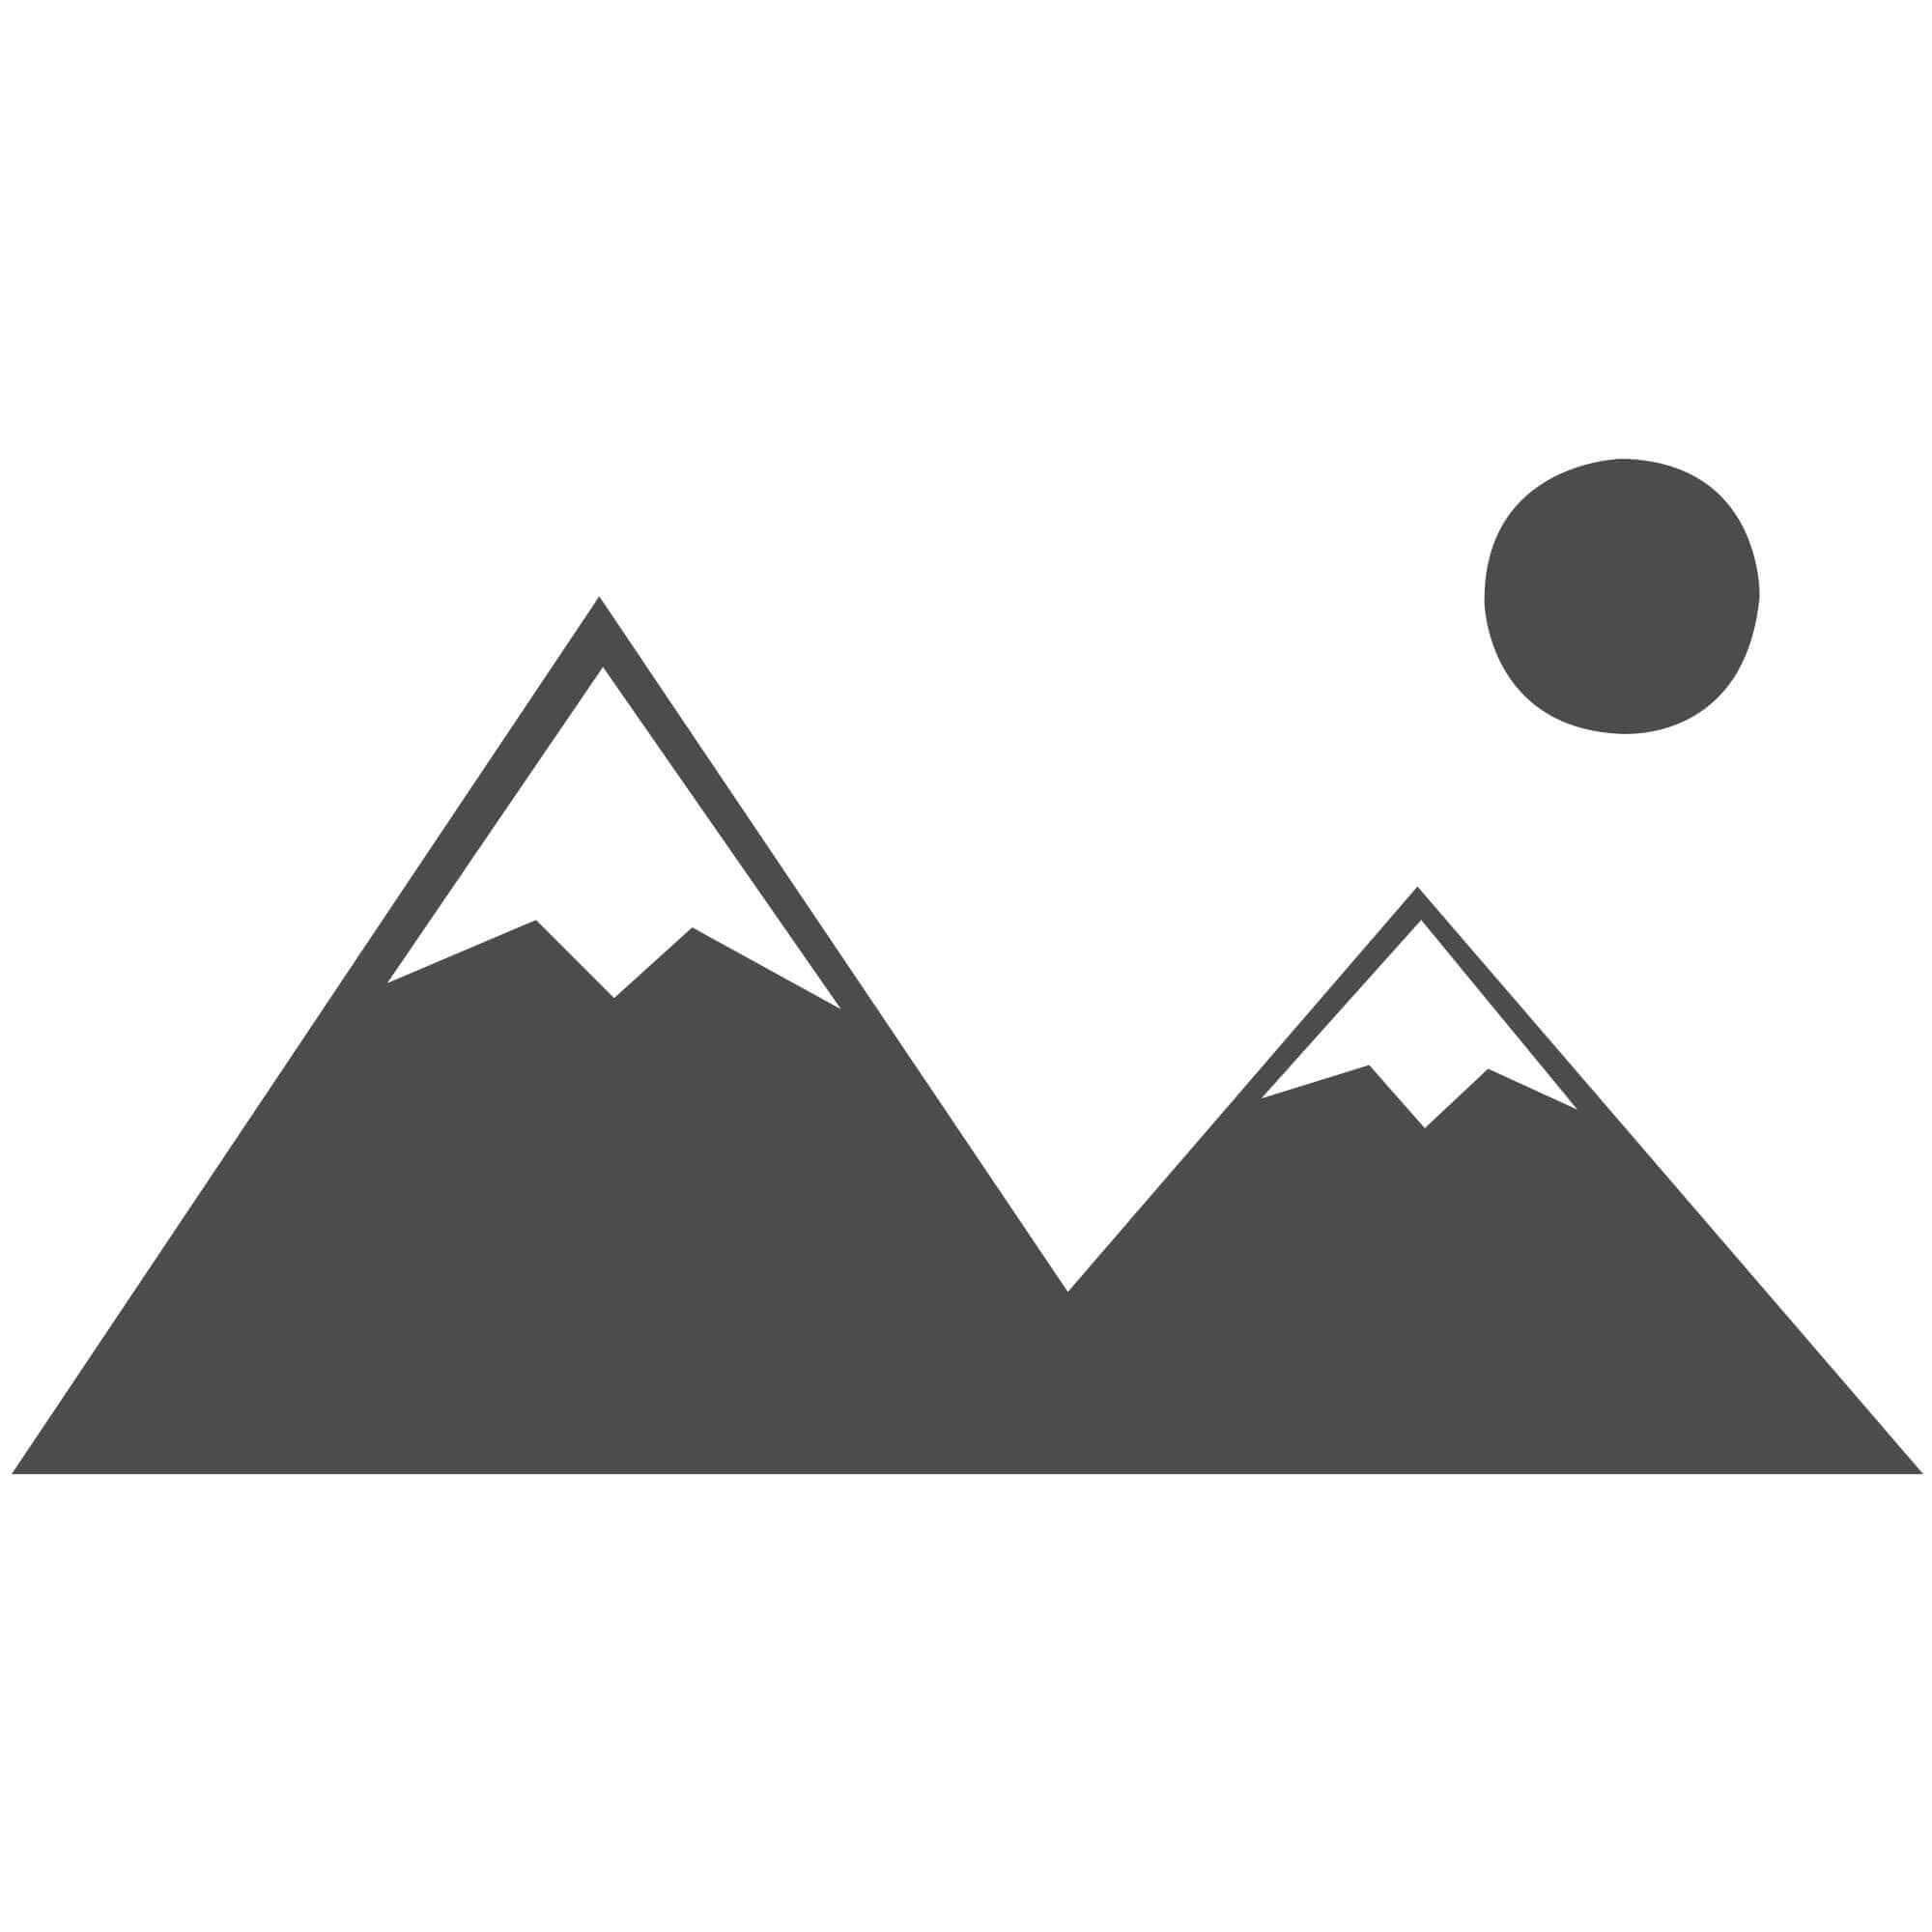 BICNC-Wood/MDF Starter Kit (Spoil Board)